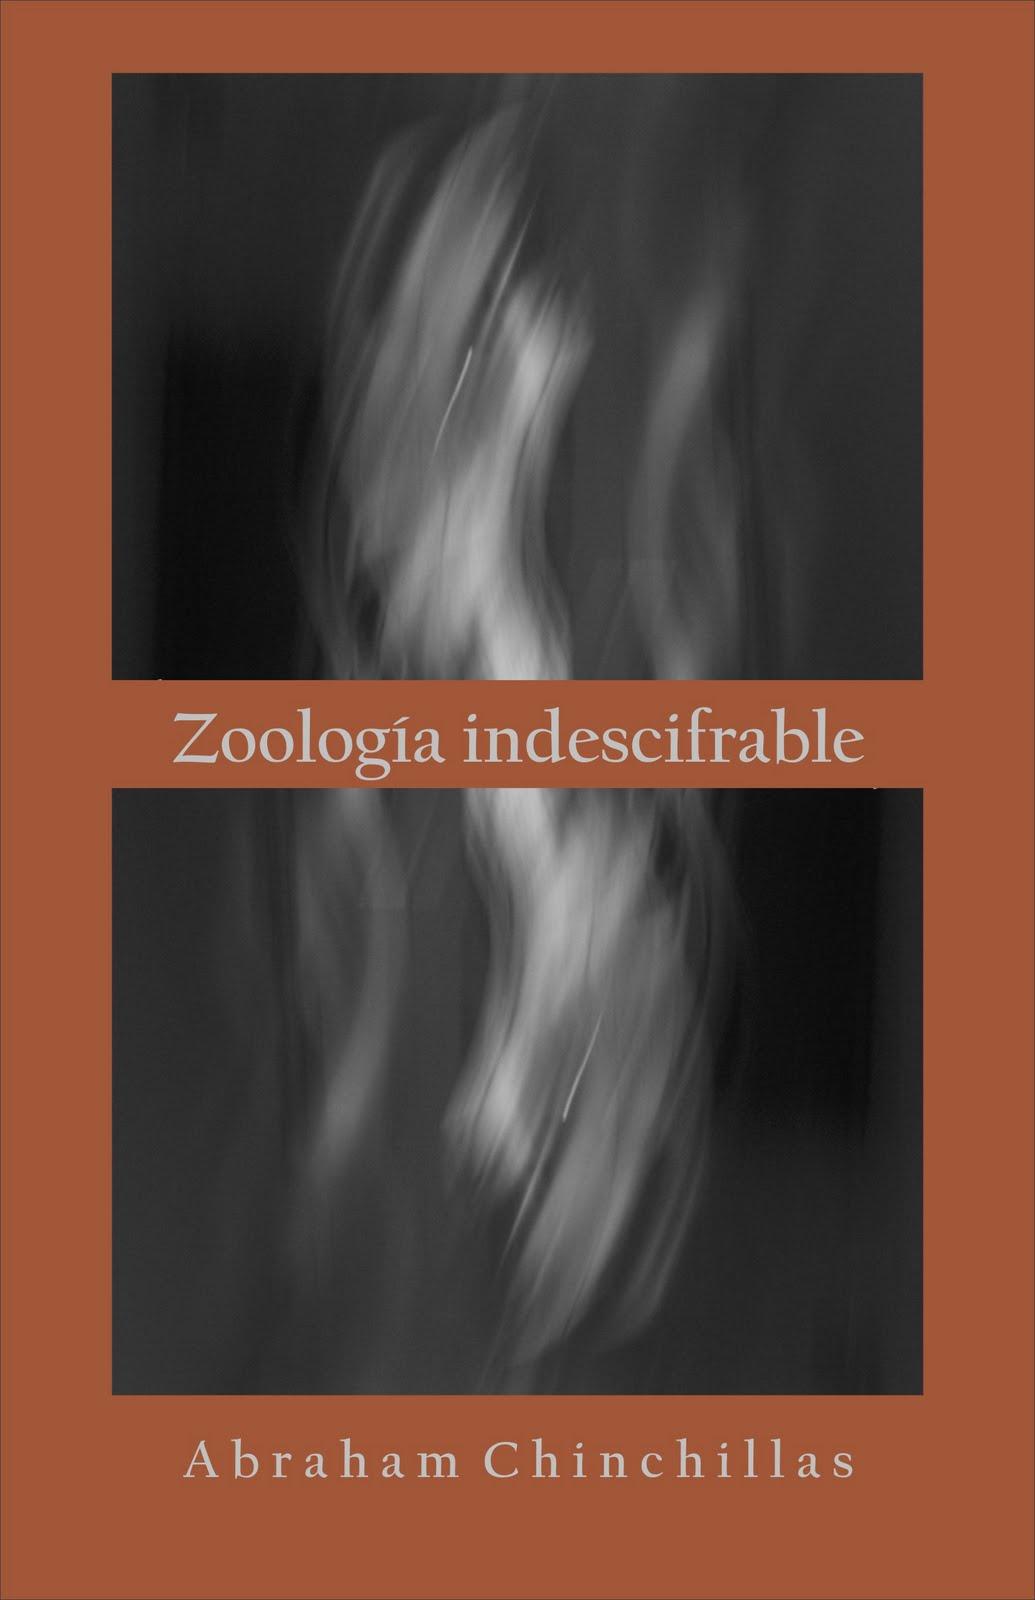 Zoología indescifrable